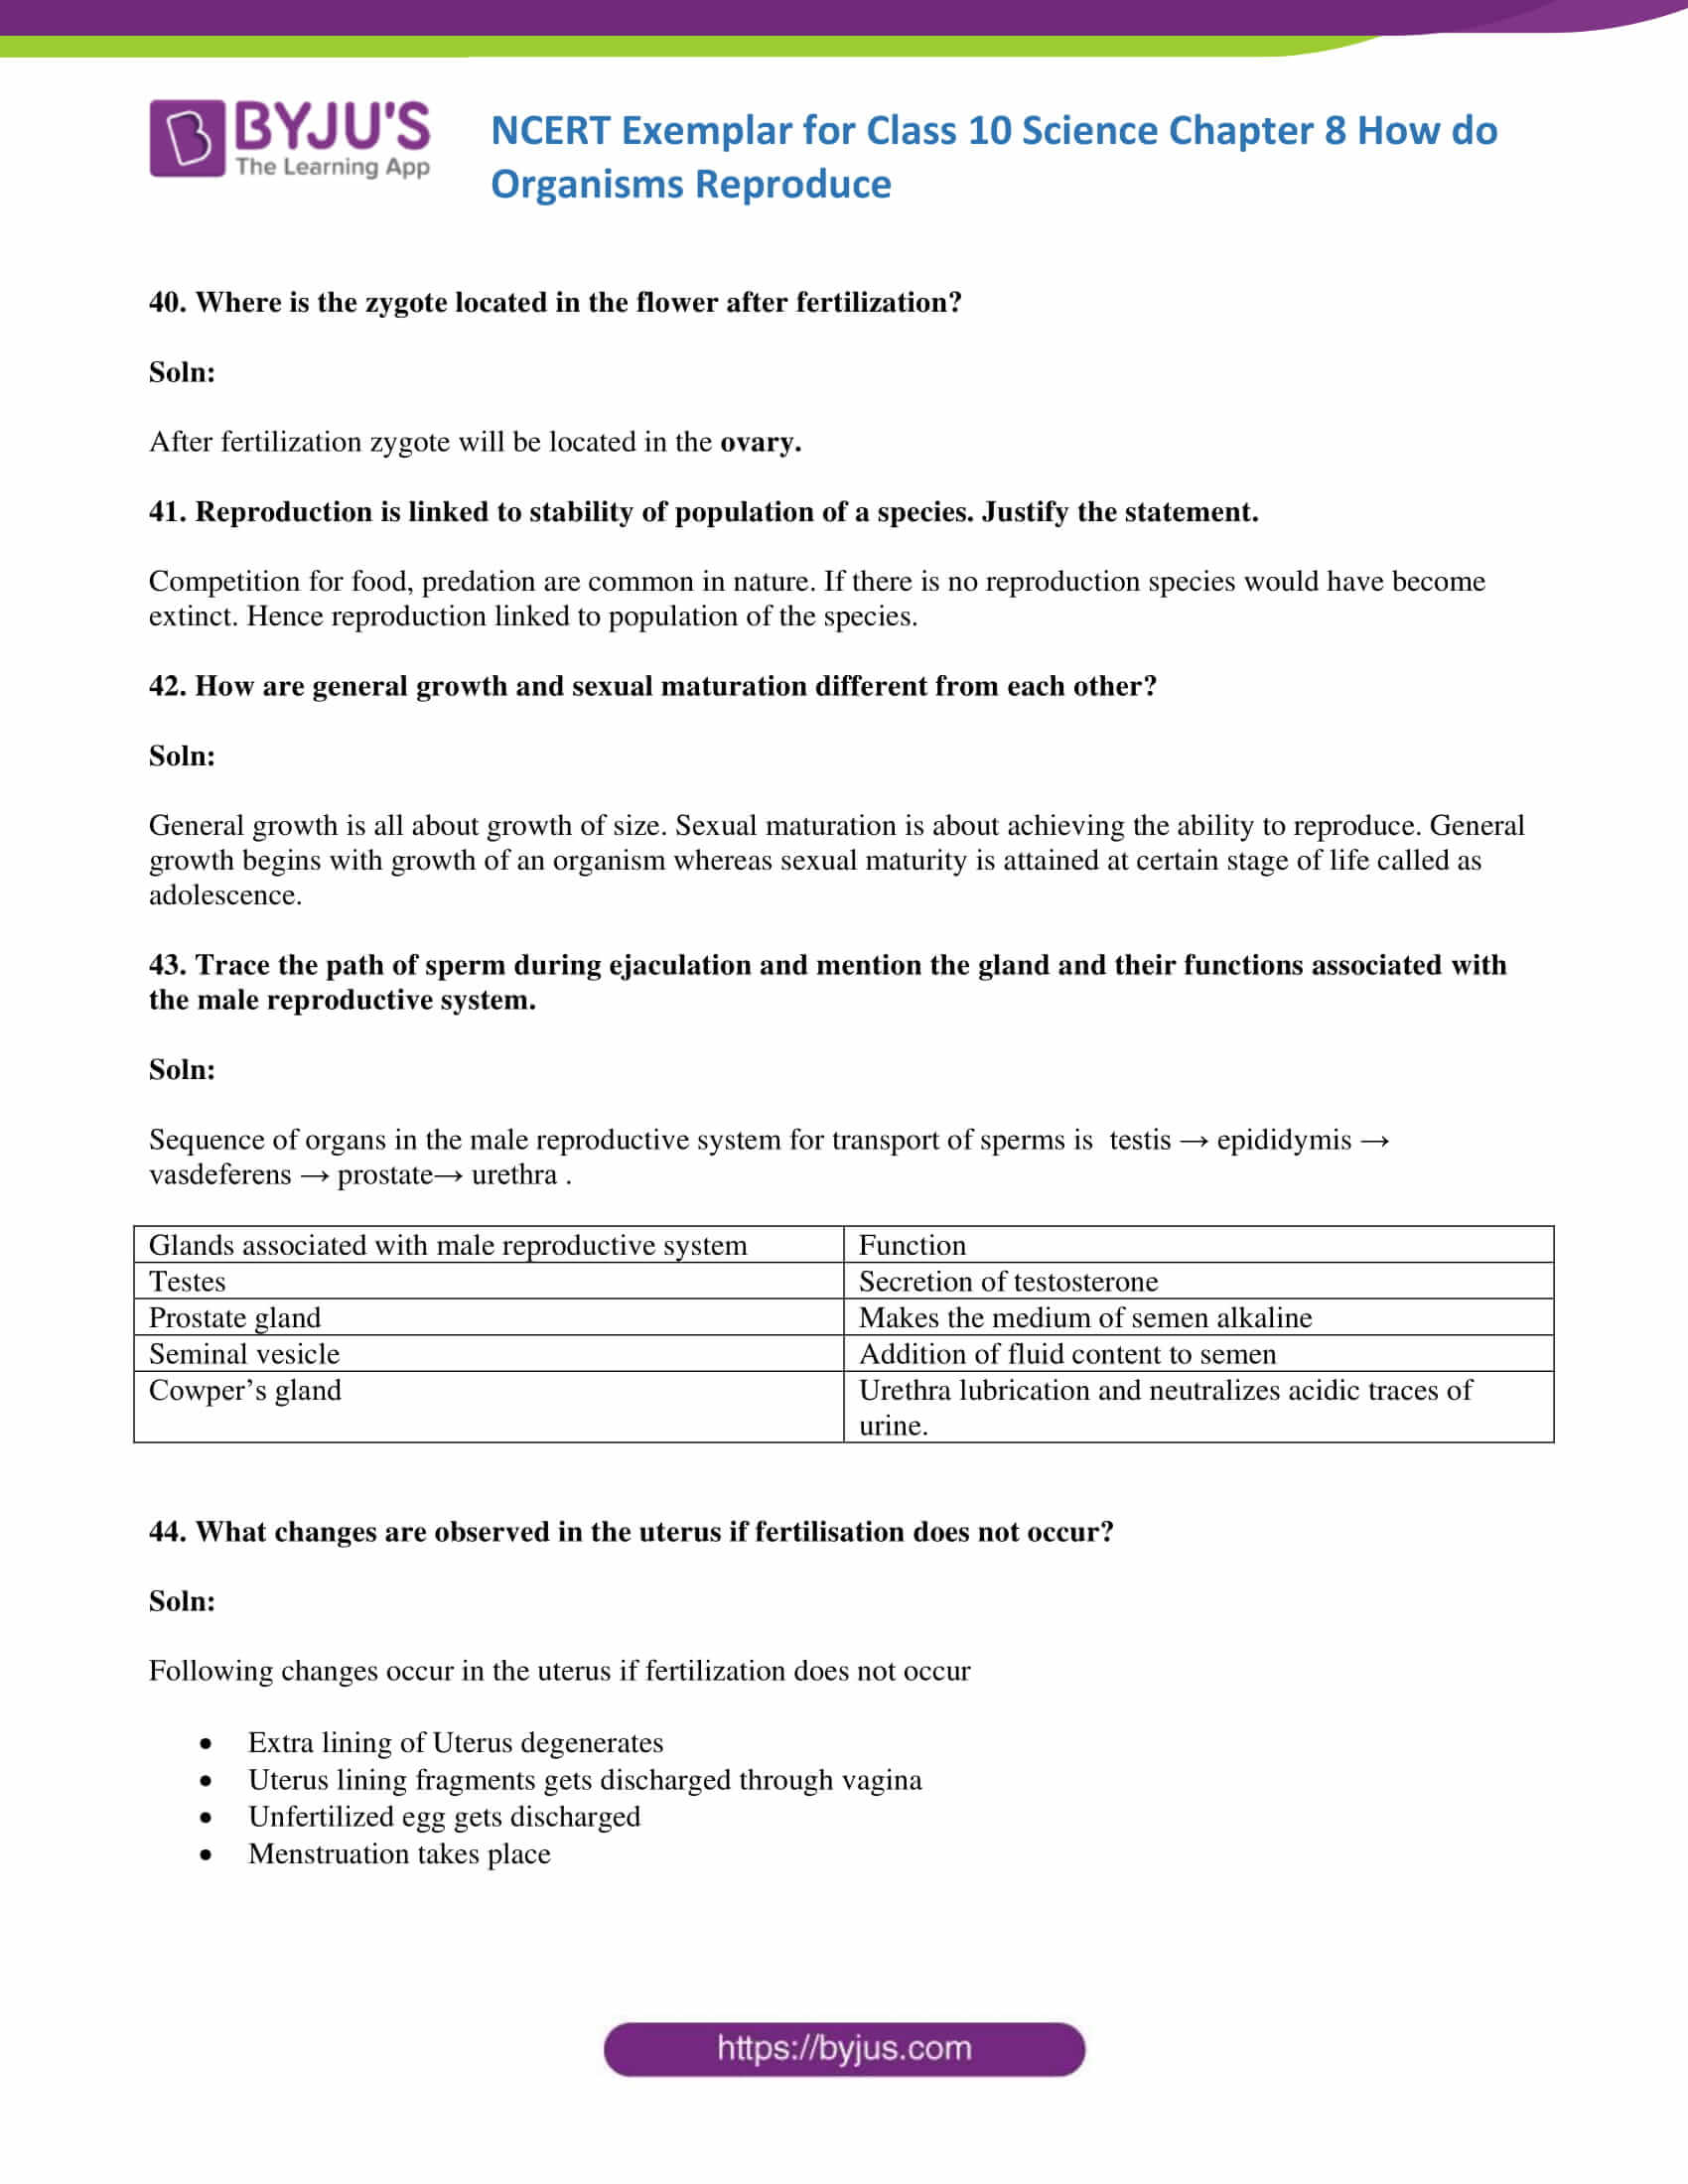 NCERT Exemplar solution class 10 Science Chapter 8 part 13